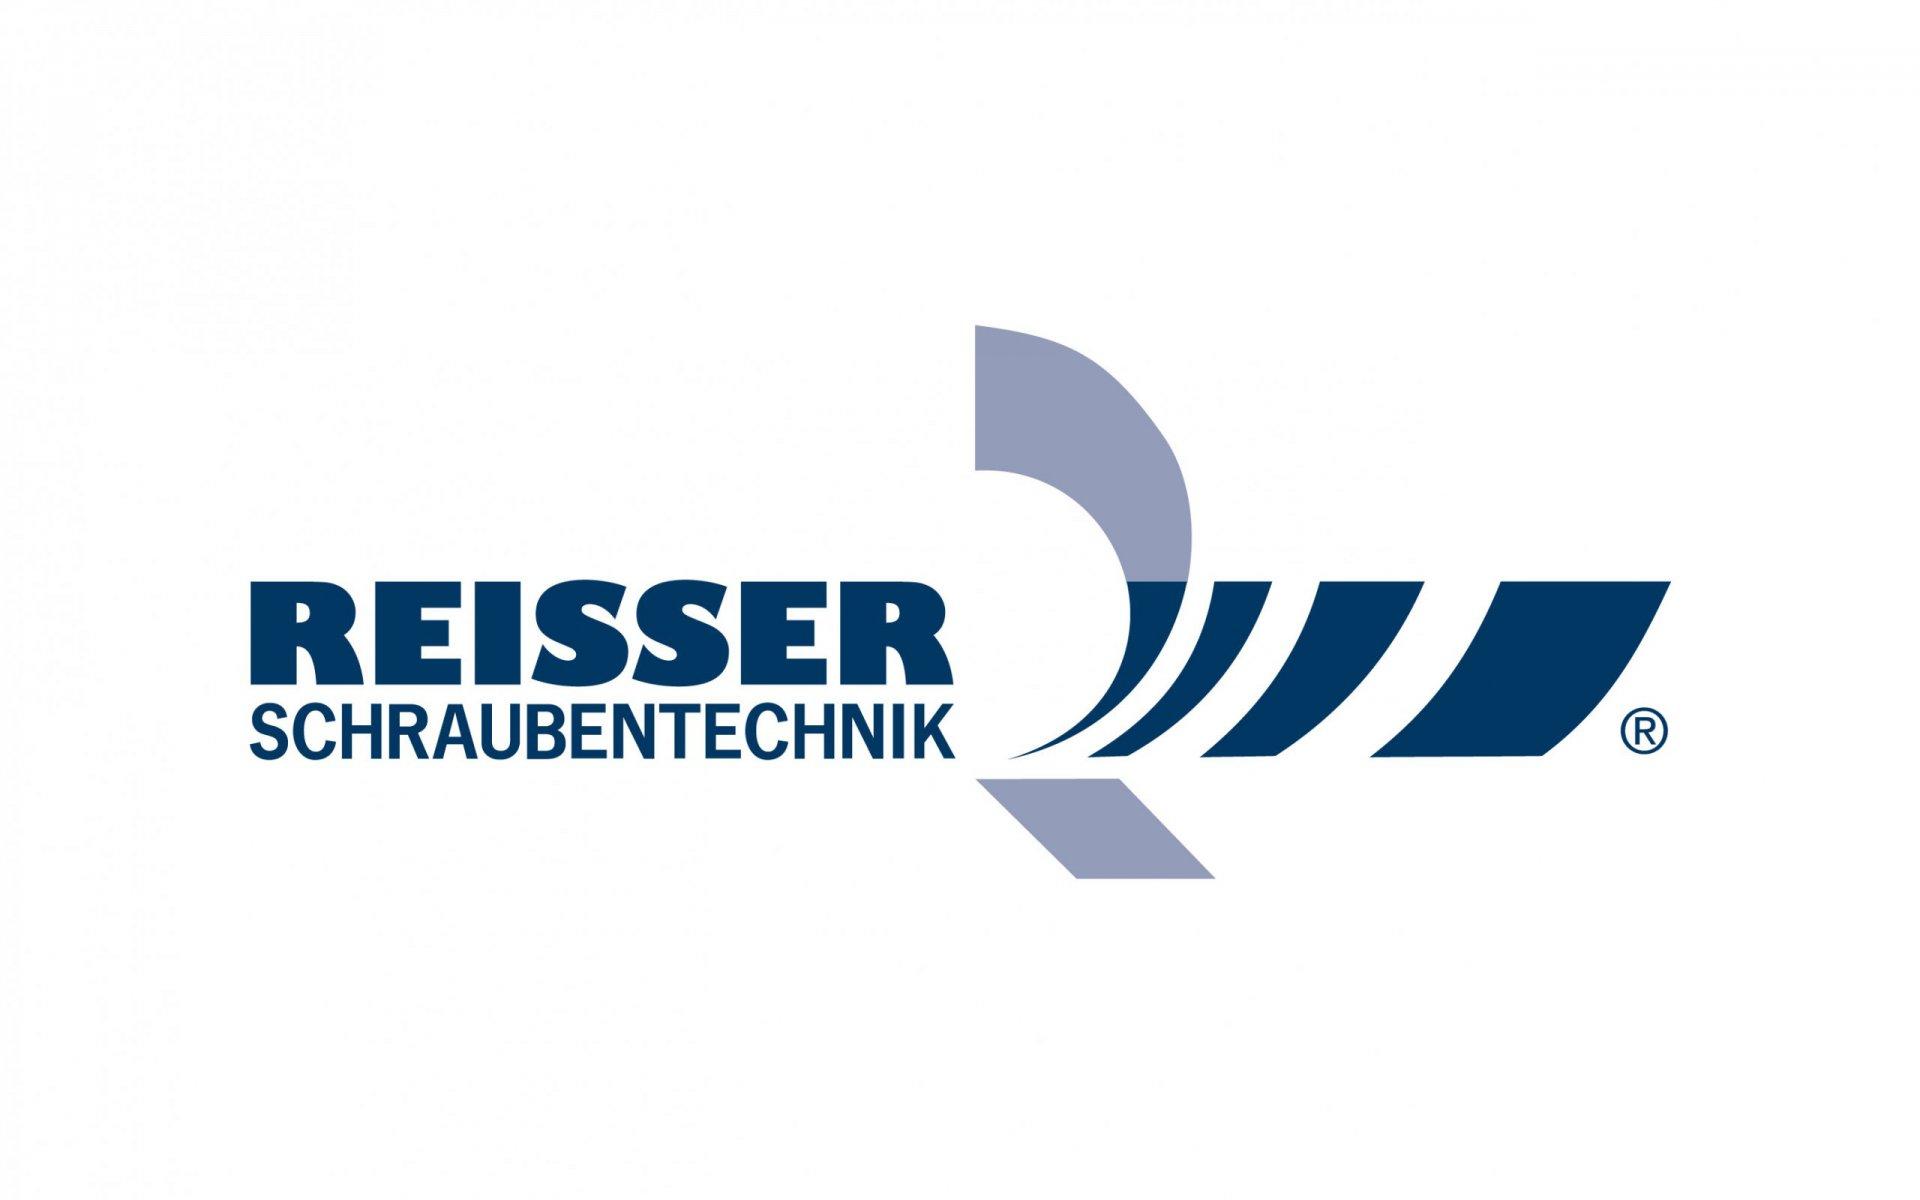 Reisser-logotyp